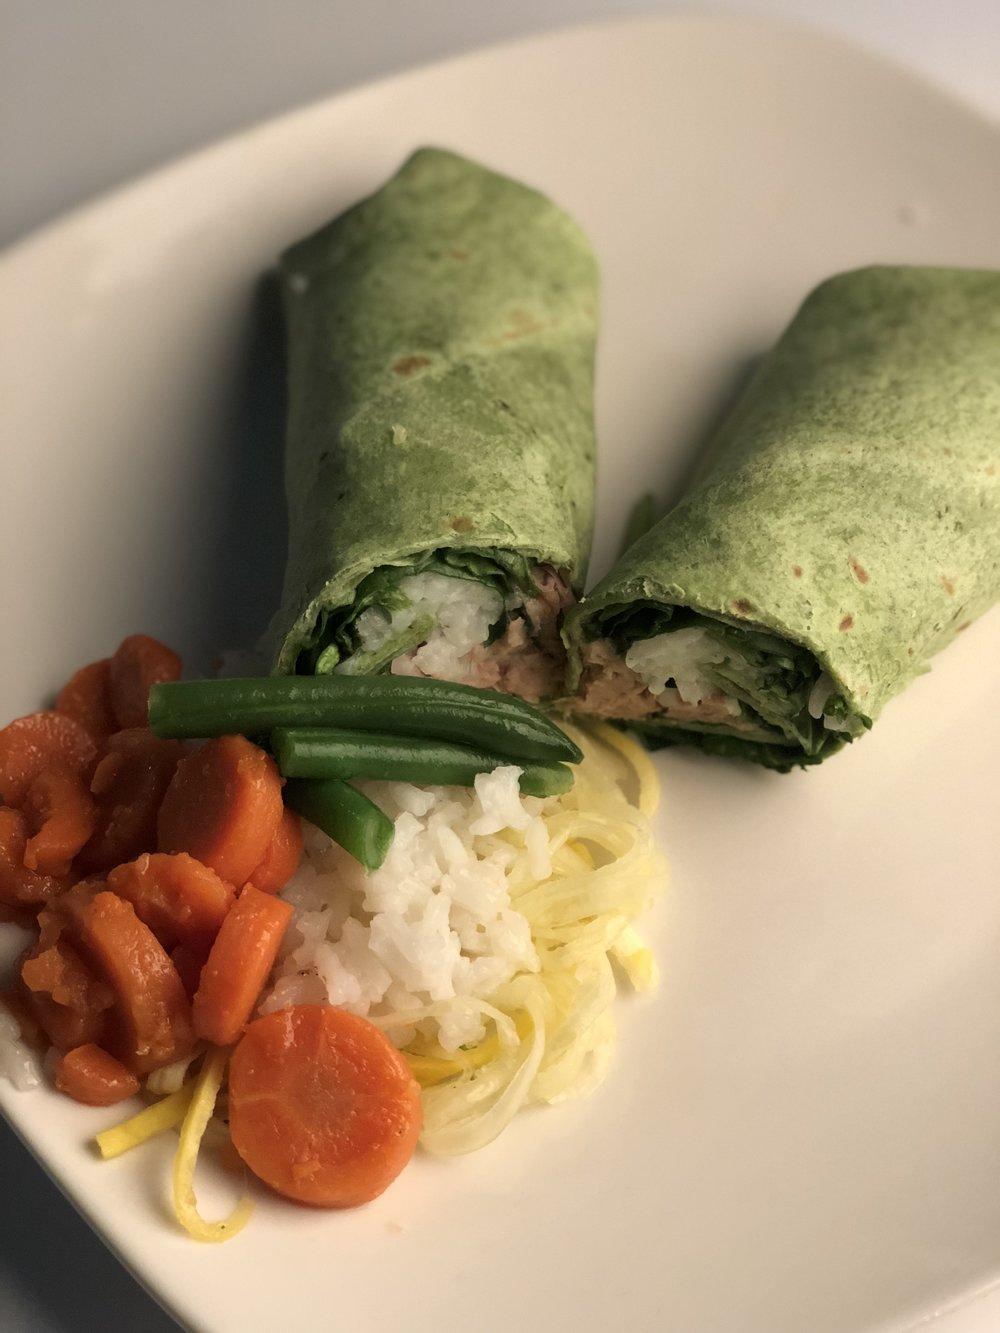 Green Spinach Tuna Wrap   Spinach wrap, Plain greek Yogurt, tuna, white rice